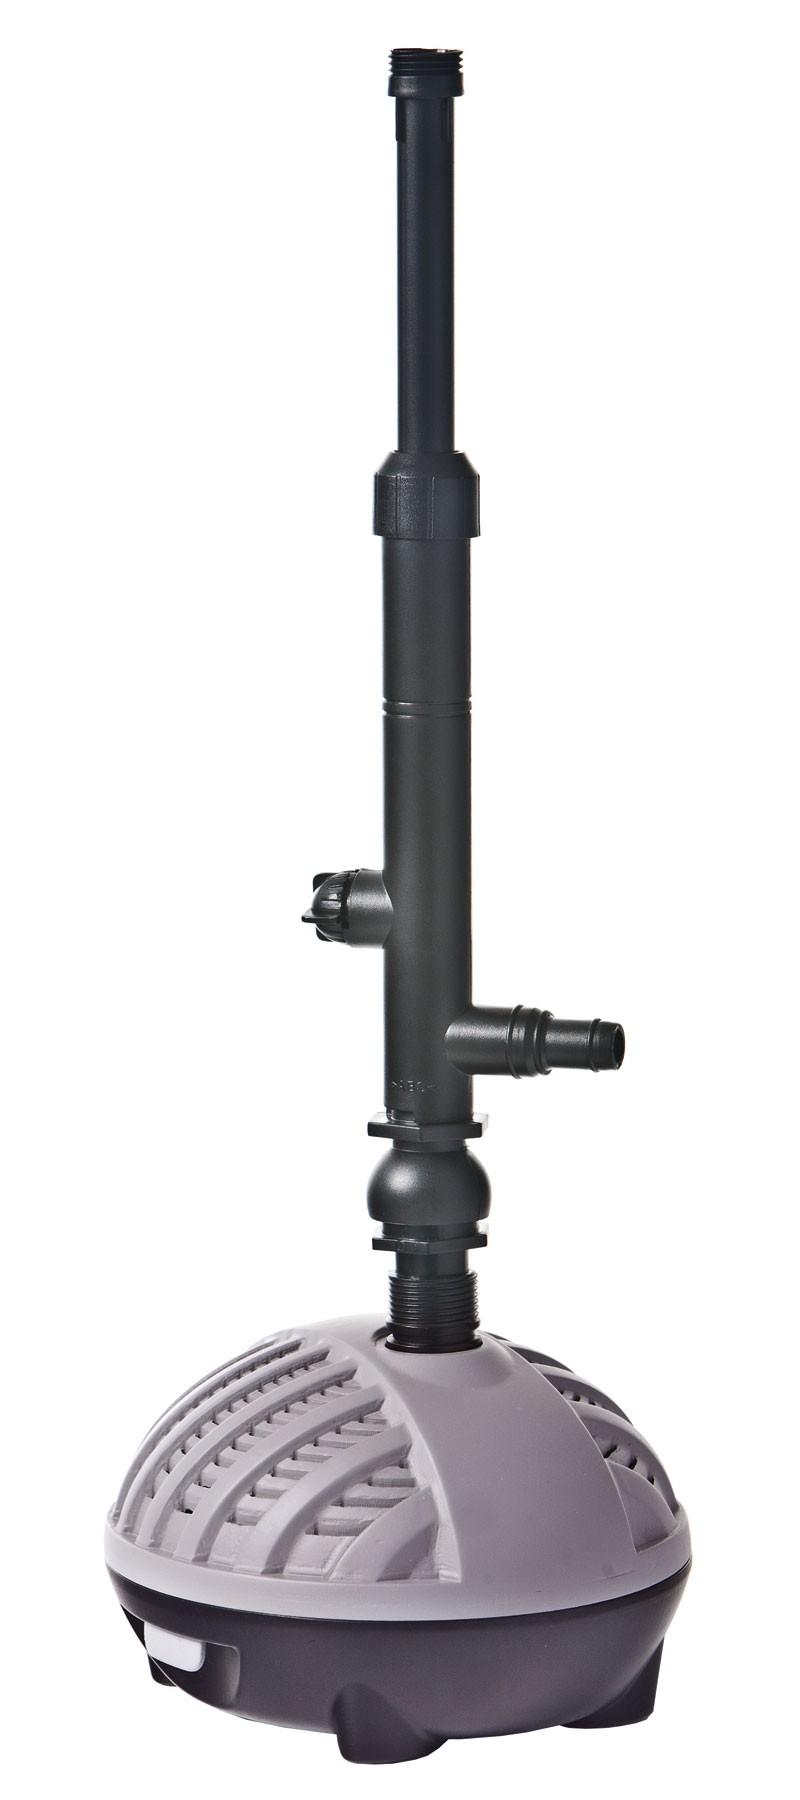 Teichpumpe / Wasserspielpumpe Heissner Smartline Jet ECO HSP 1600-00 Bild 2